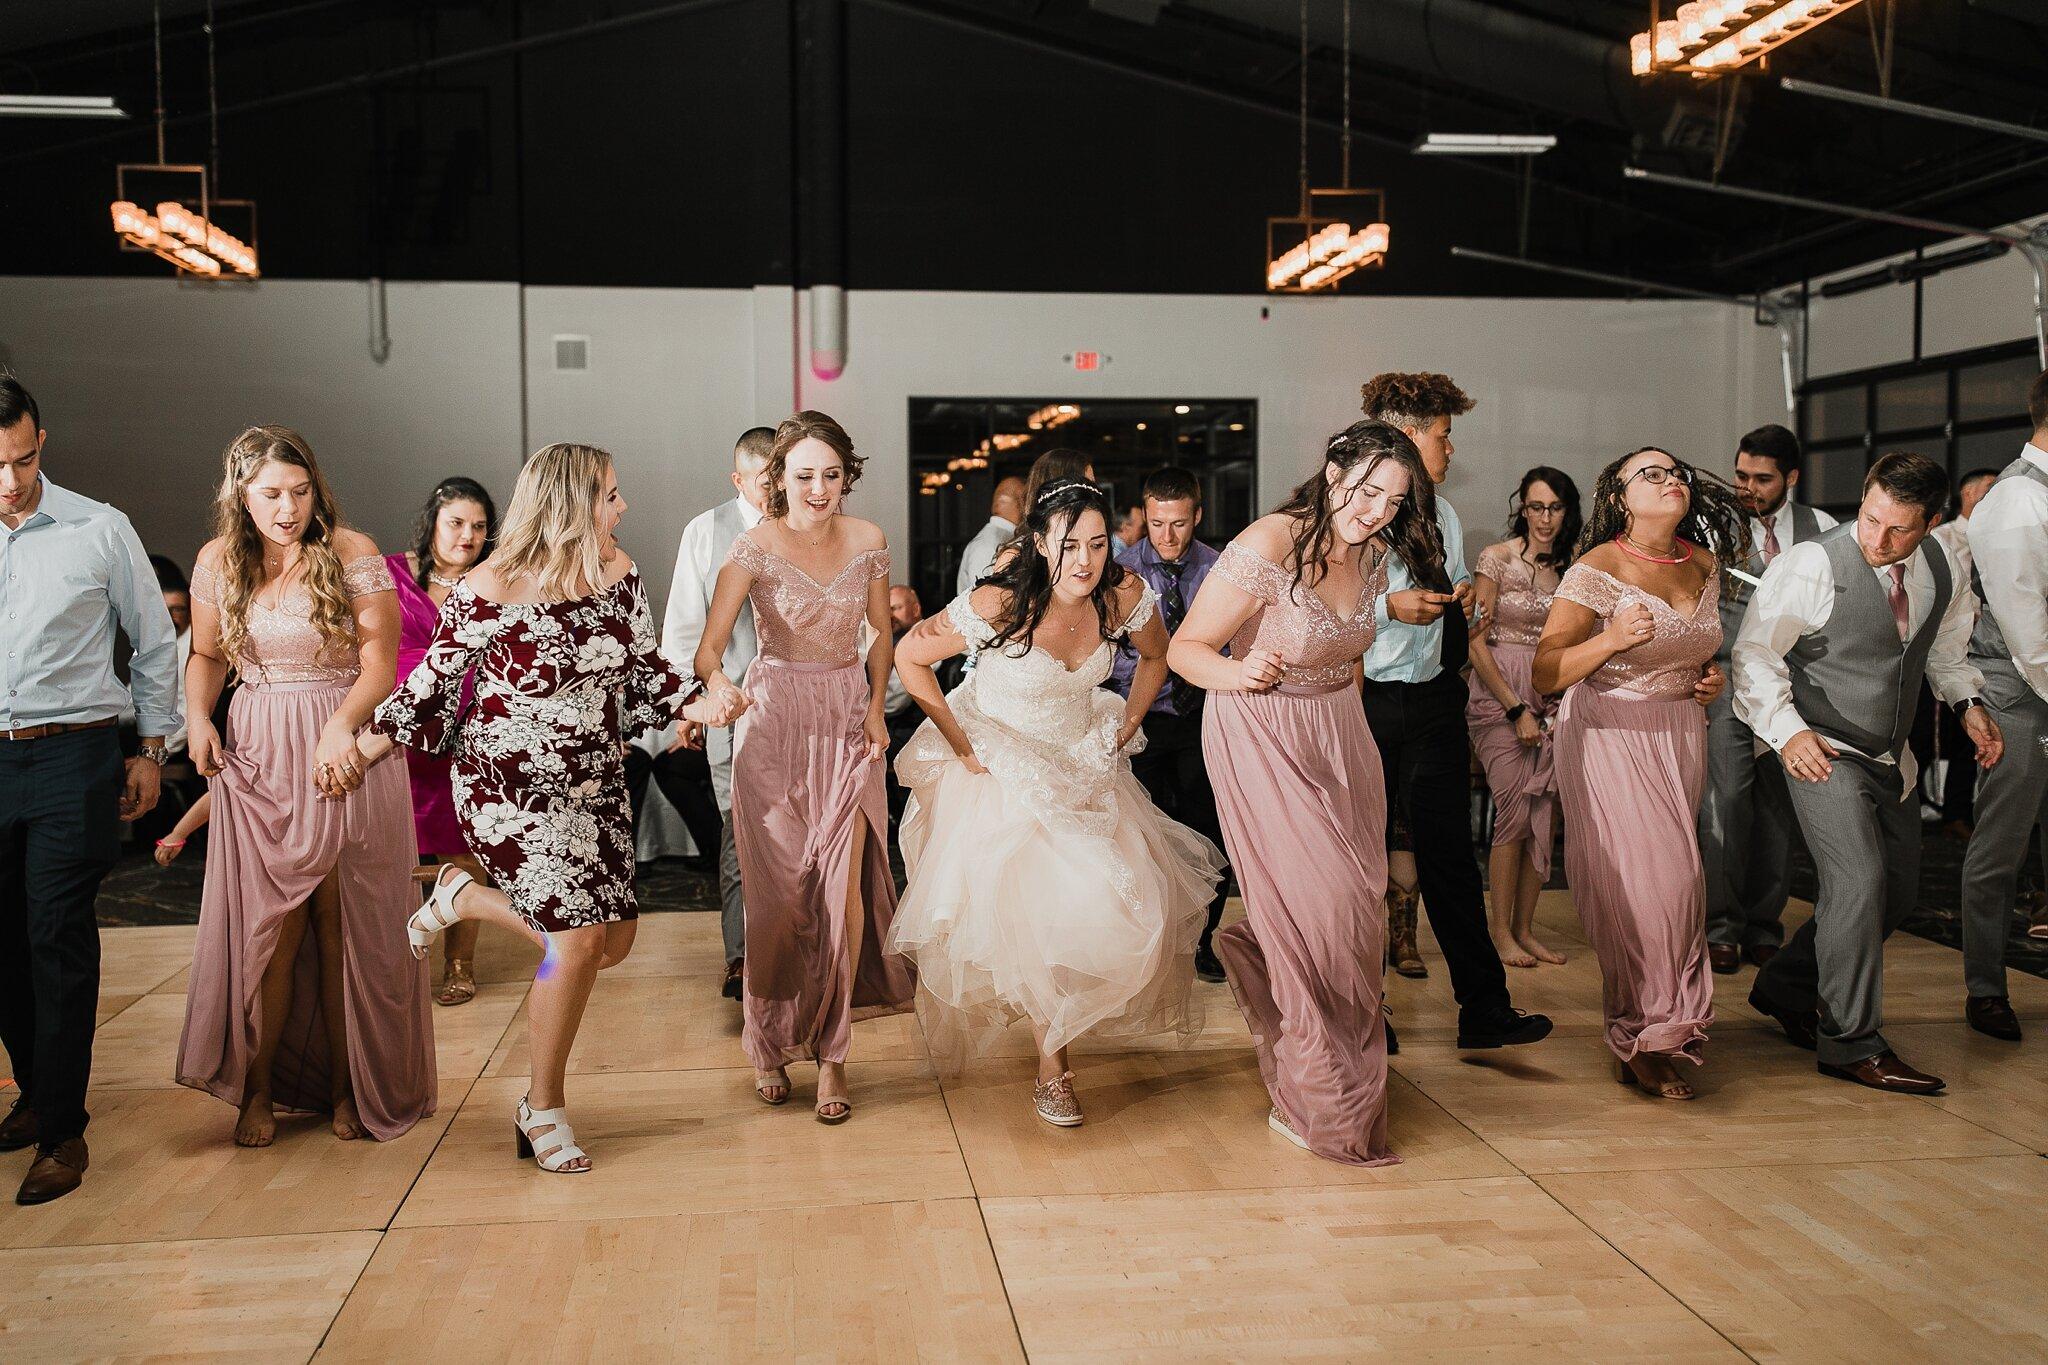 Alicia+lucia+photography+-+albuquerque+wedding+photographer+-+santa+fe+wedding+photography+-+new+mexico+wedding+photographer+-+new+mexico+wedding+-+hyatt+tamaya+wedding+-+washington+bride+-+fall+wedding+-+albuquerque+wedding_0126.jpg